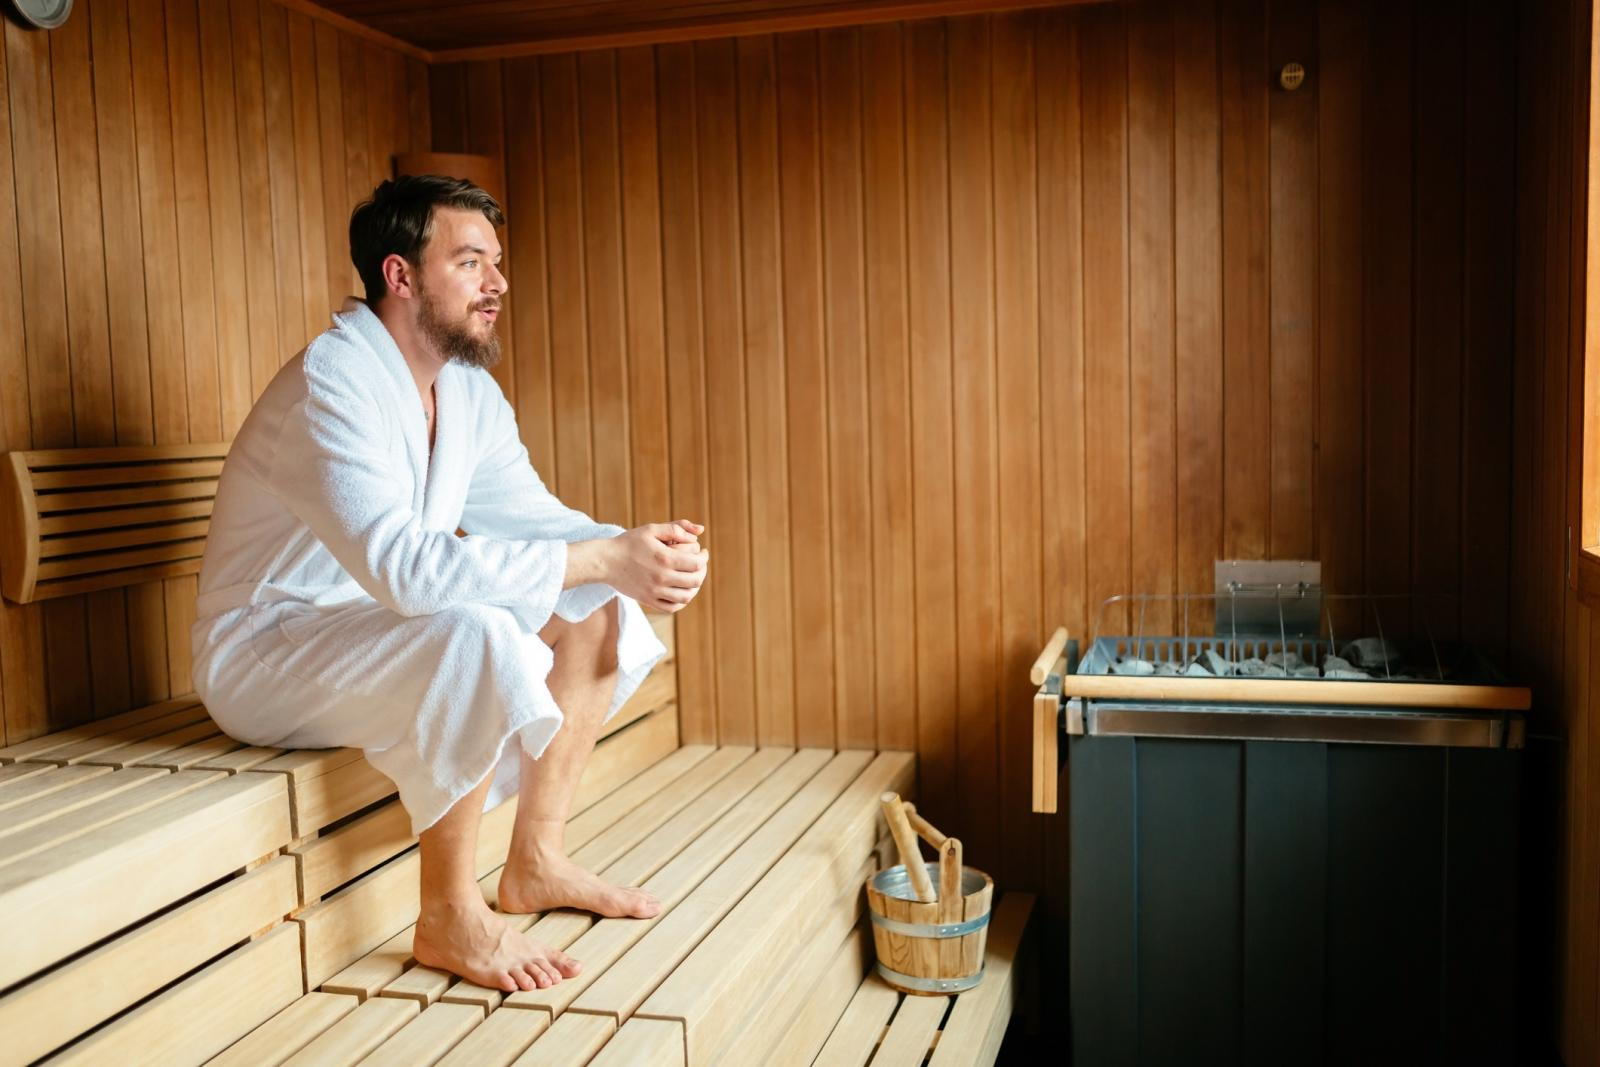 Povremeni odlasci u saunu su preporučljivi, ali samo ako ste dobrog zdravlja...